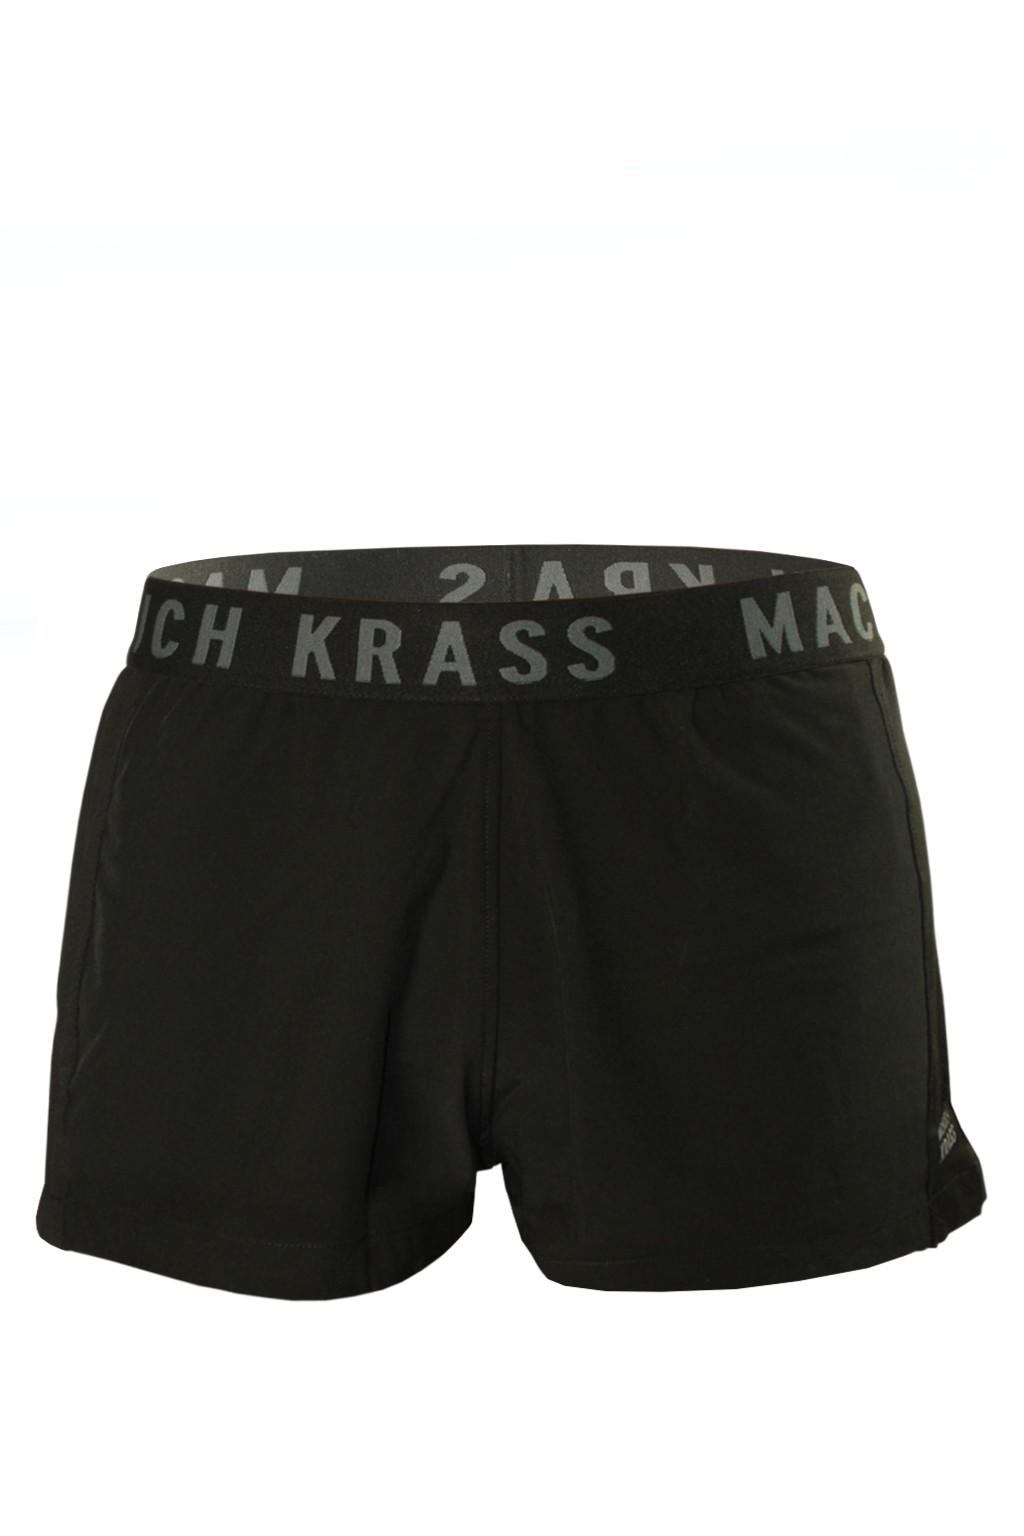 Mach Dich Krass Fitness kraťasy M černá